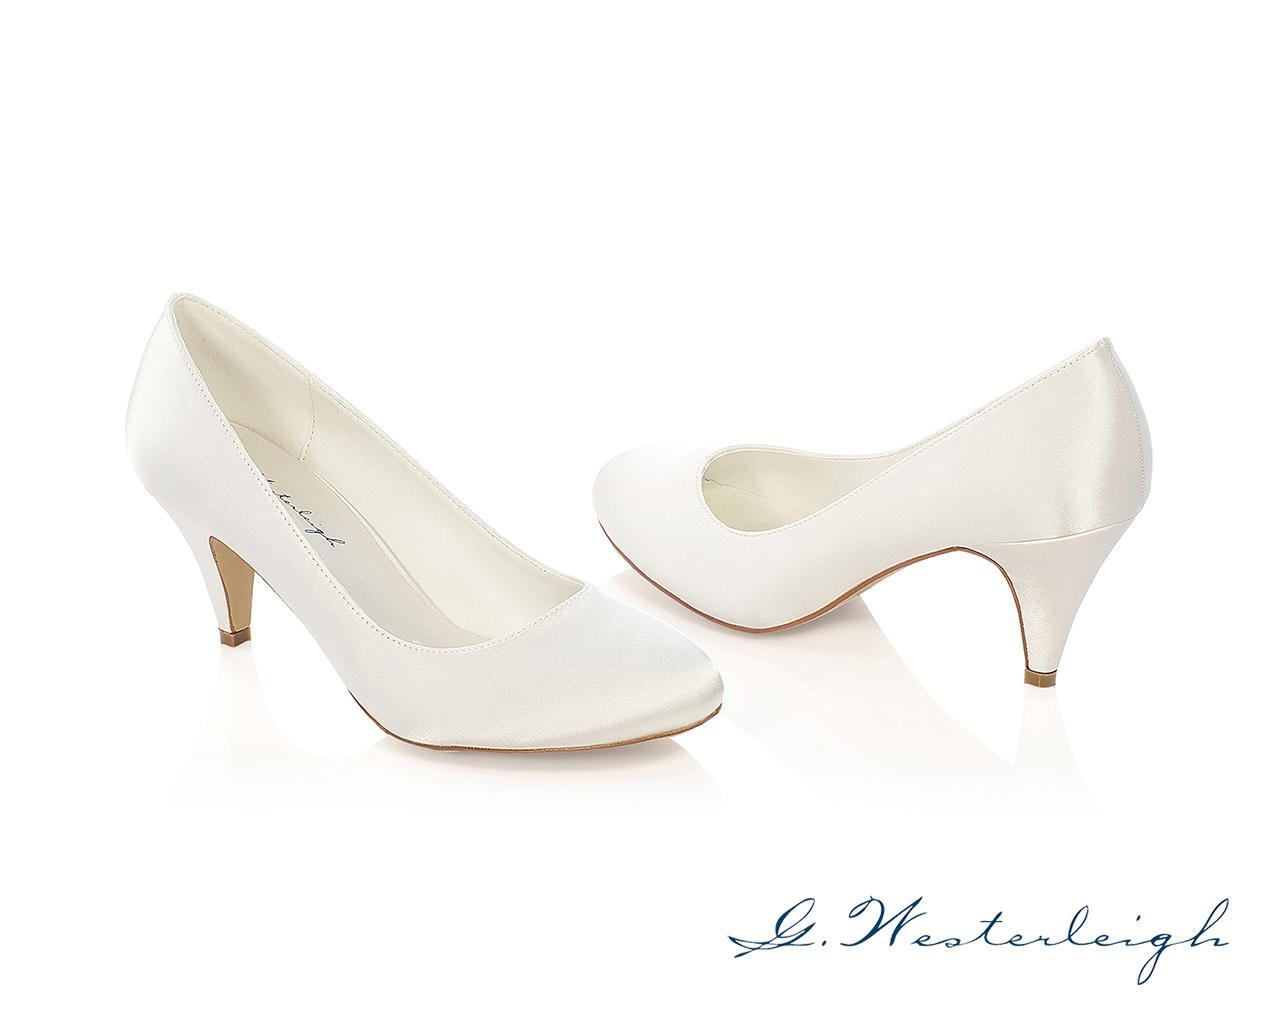 DIANA - Westerleigh cipő. 20.900 Ft. 6 cm sarok